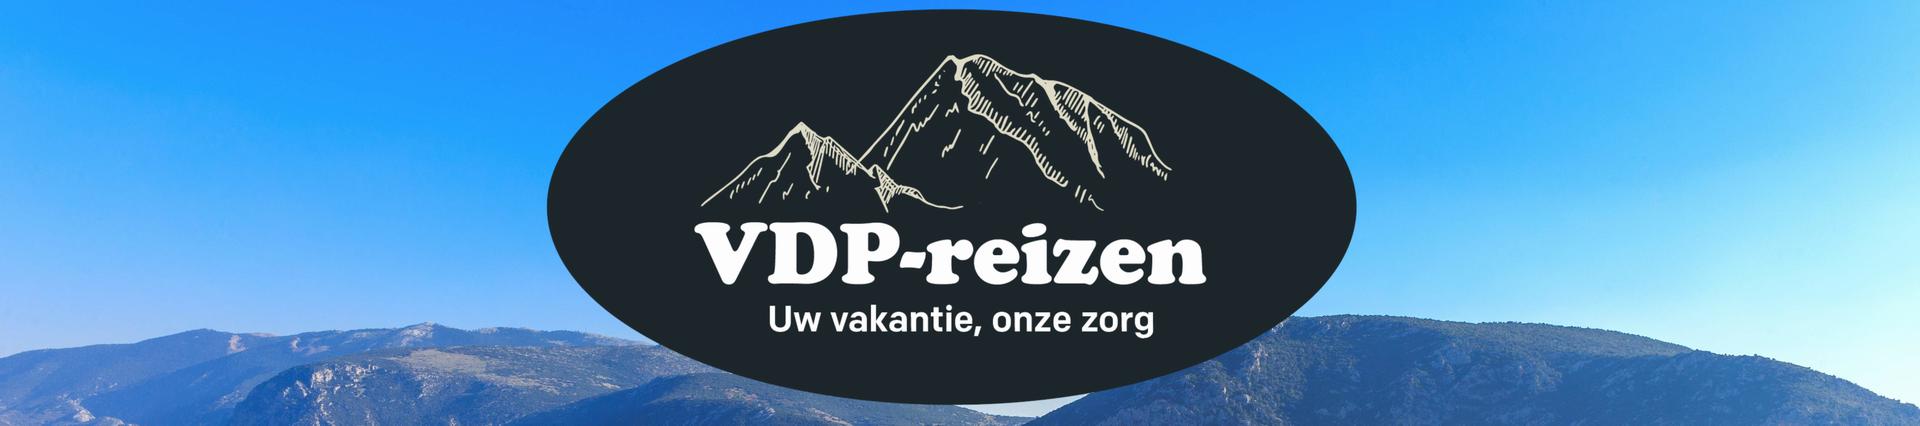 VDP-reizen